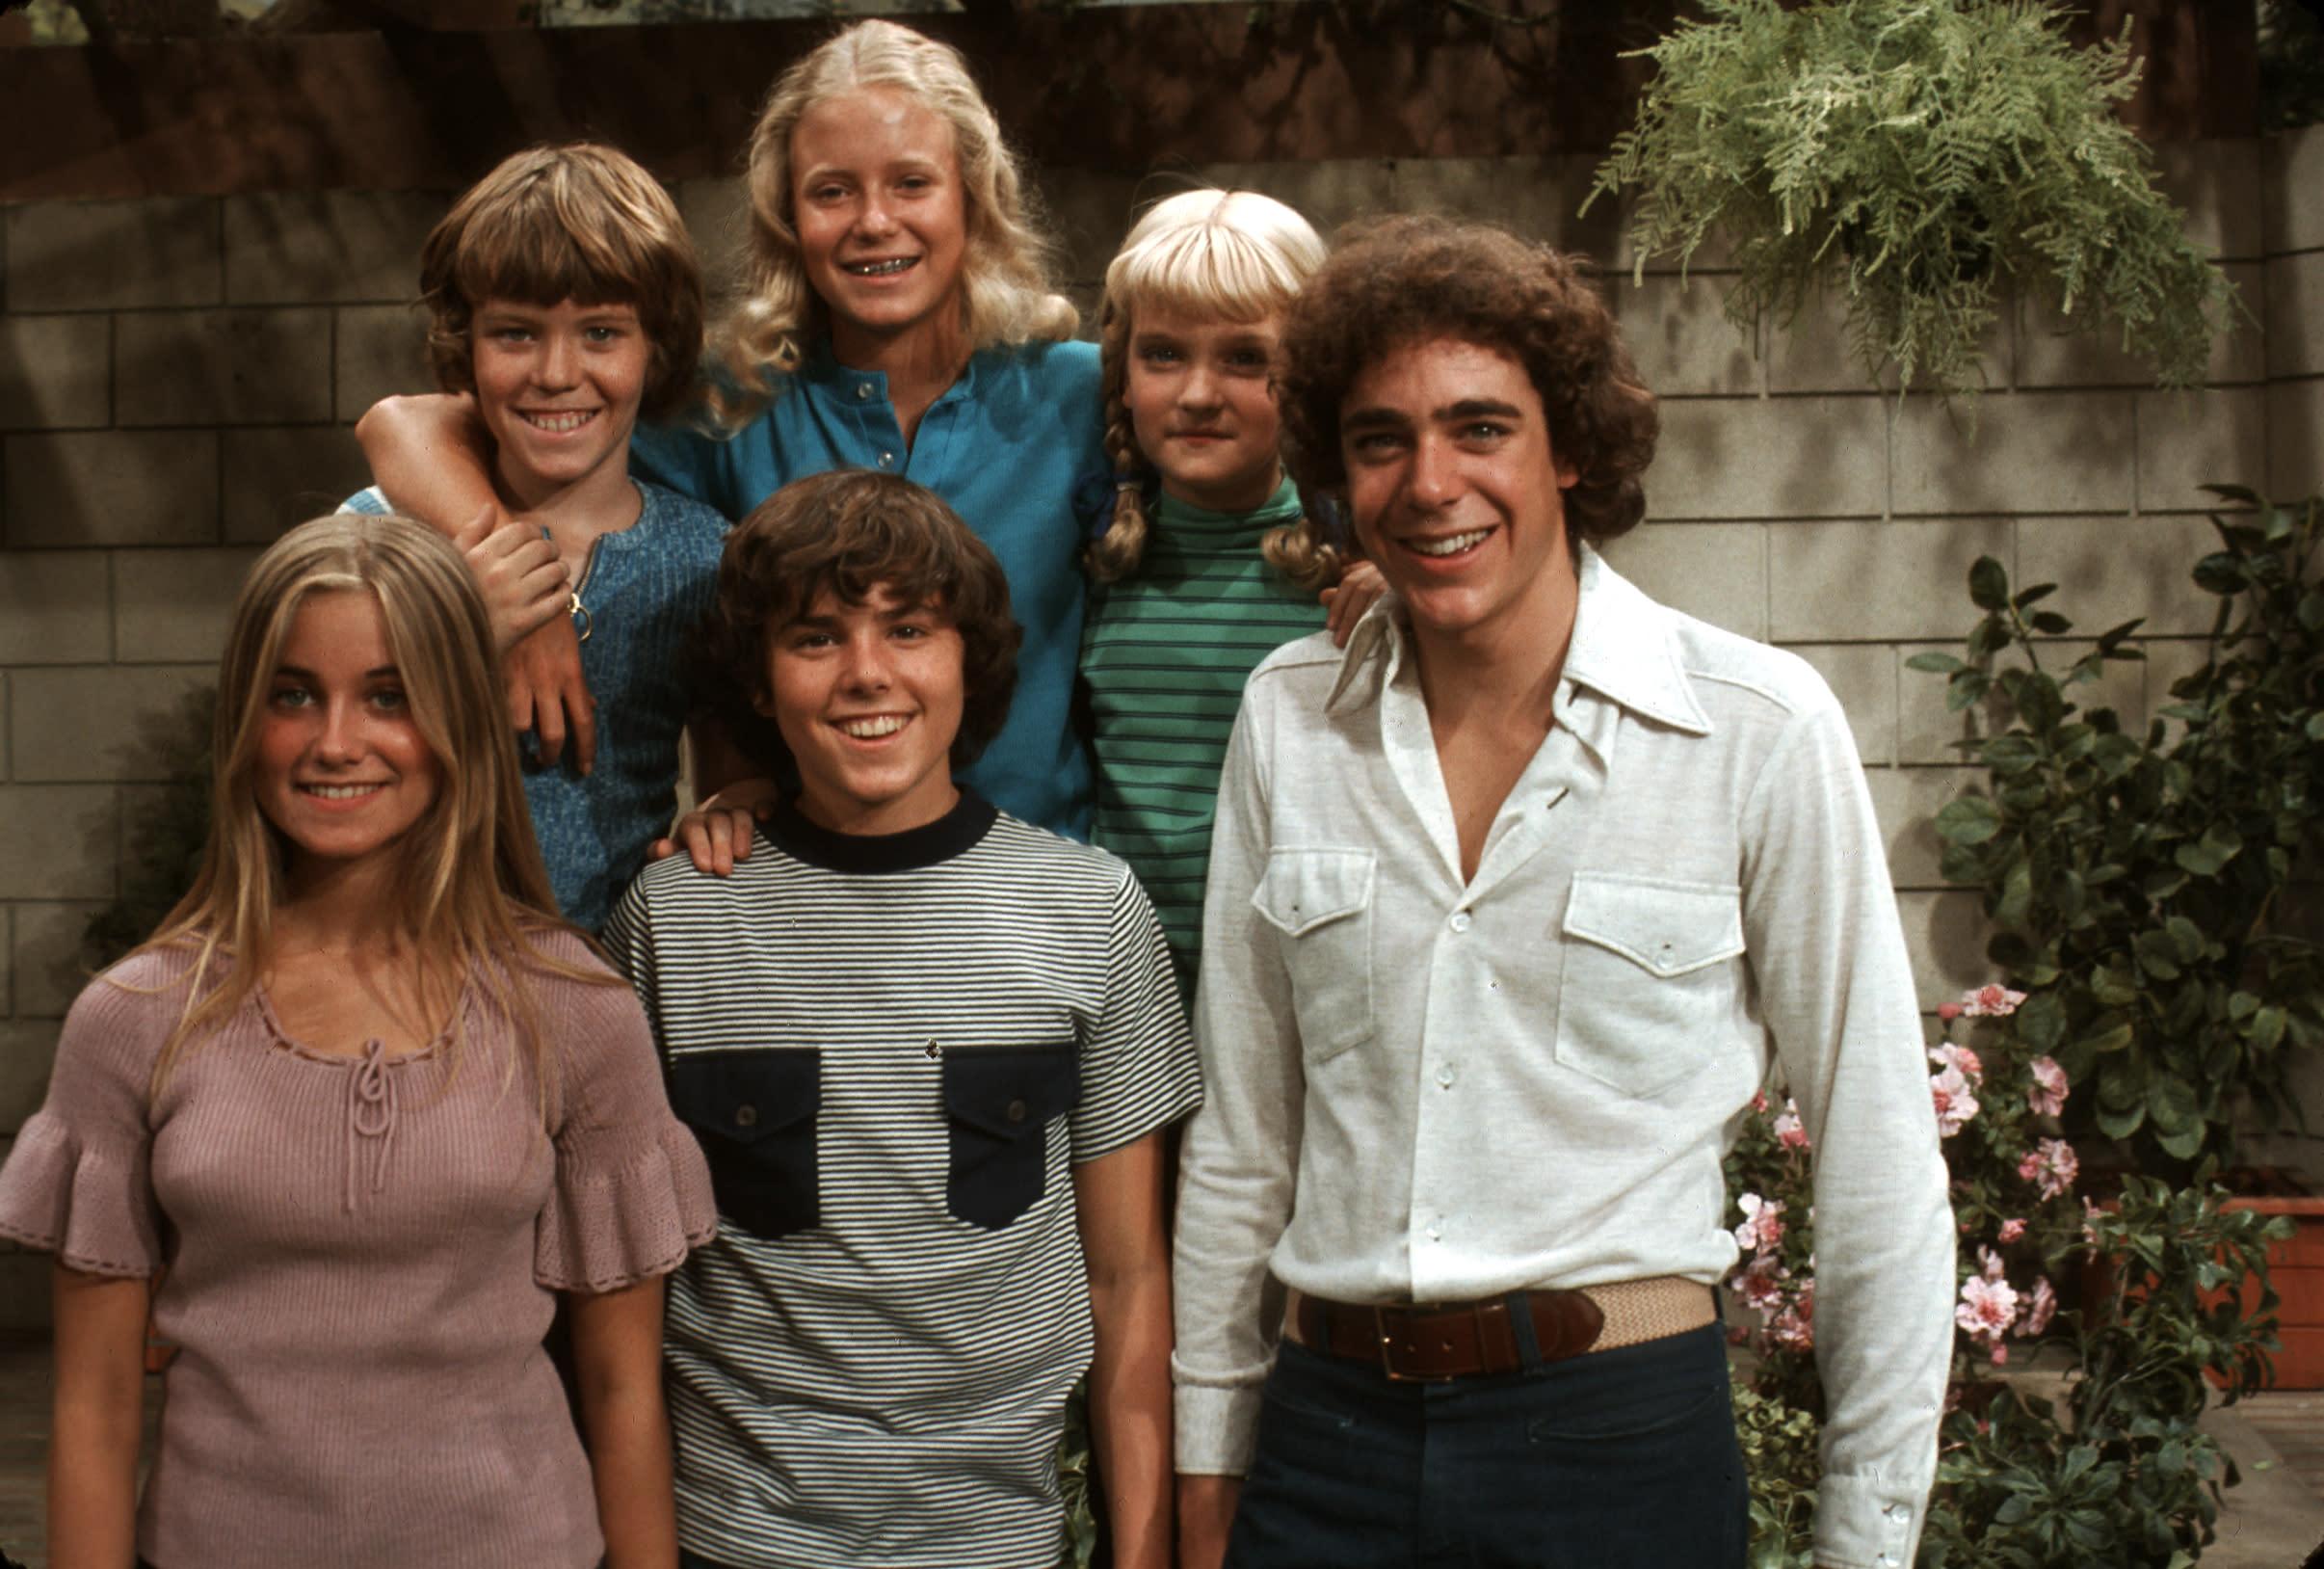 'The Brady Bunch' kids...